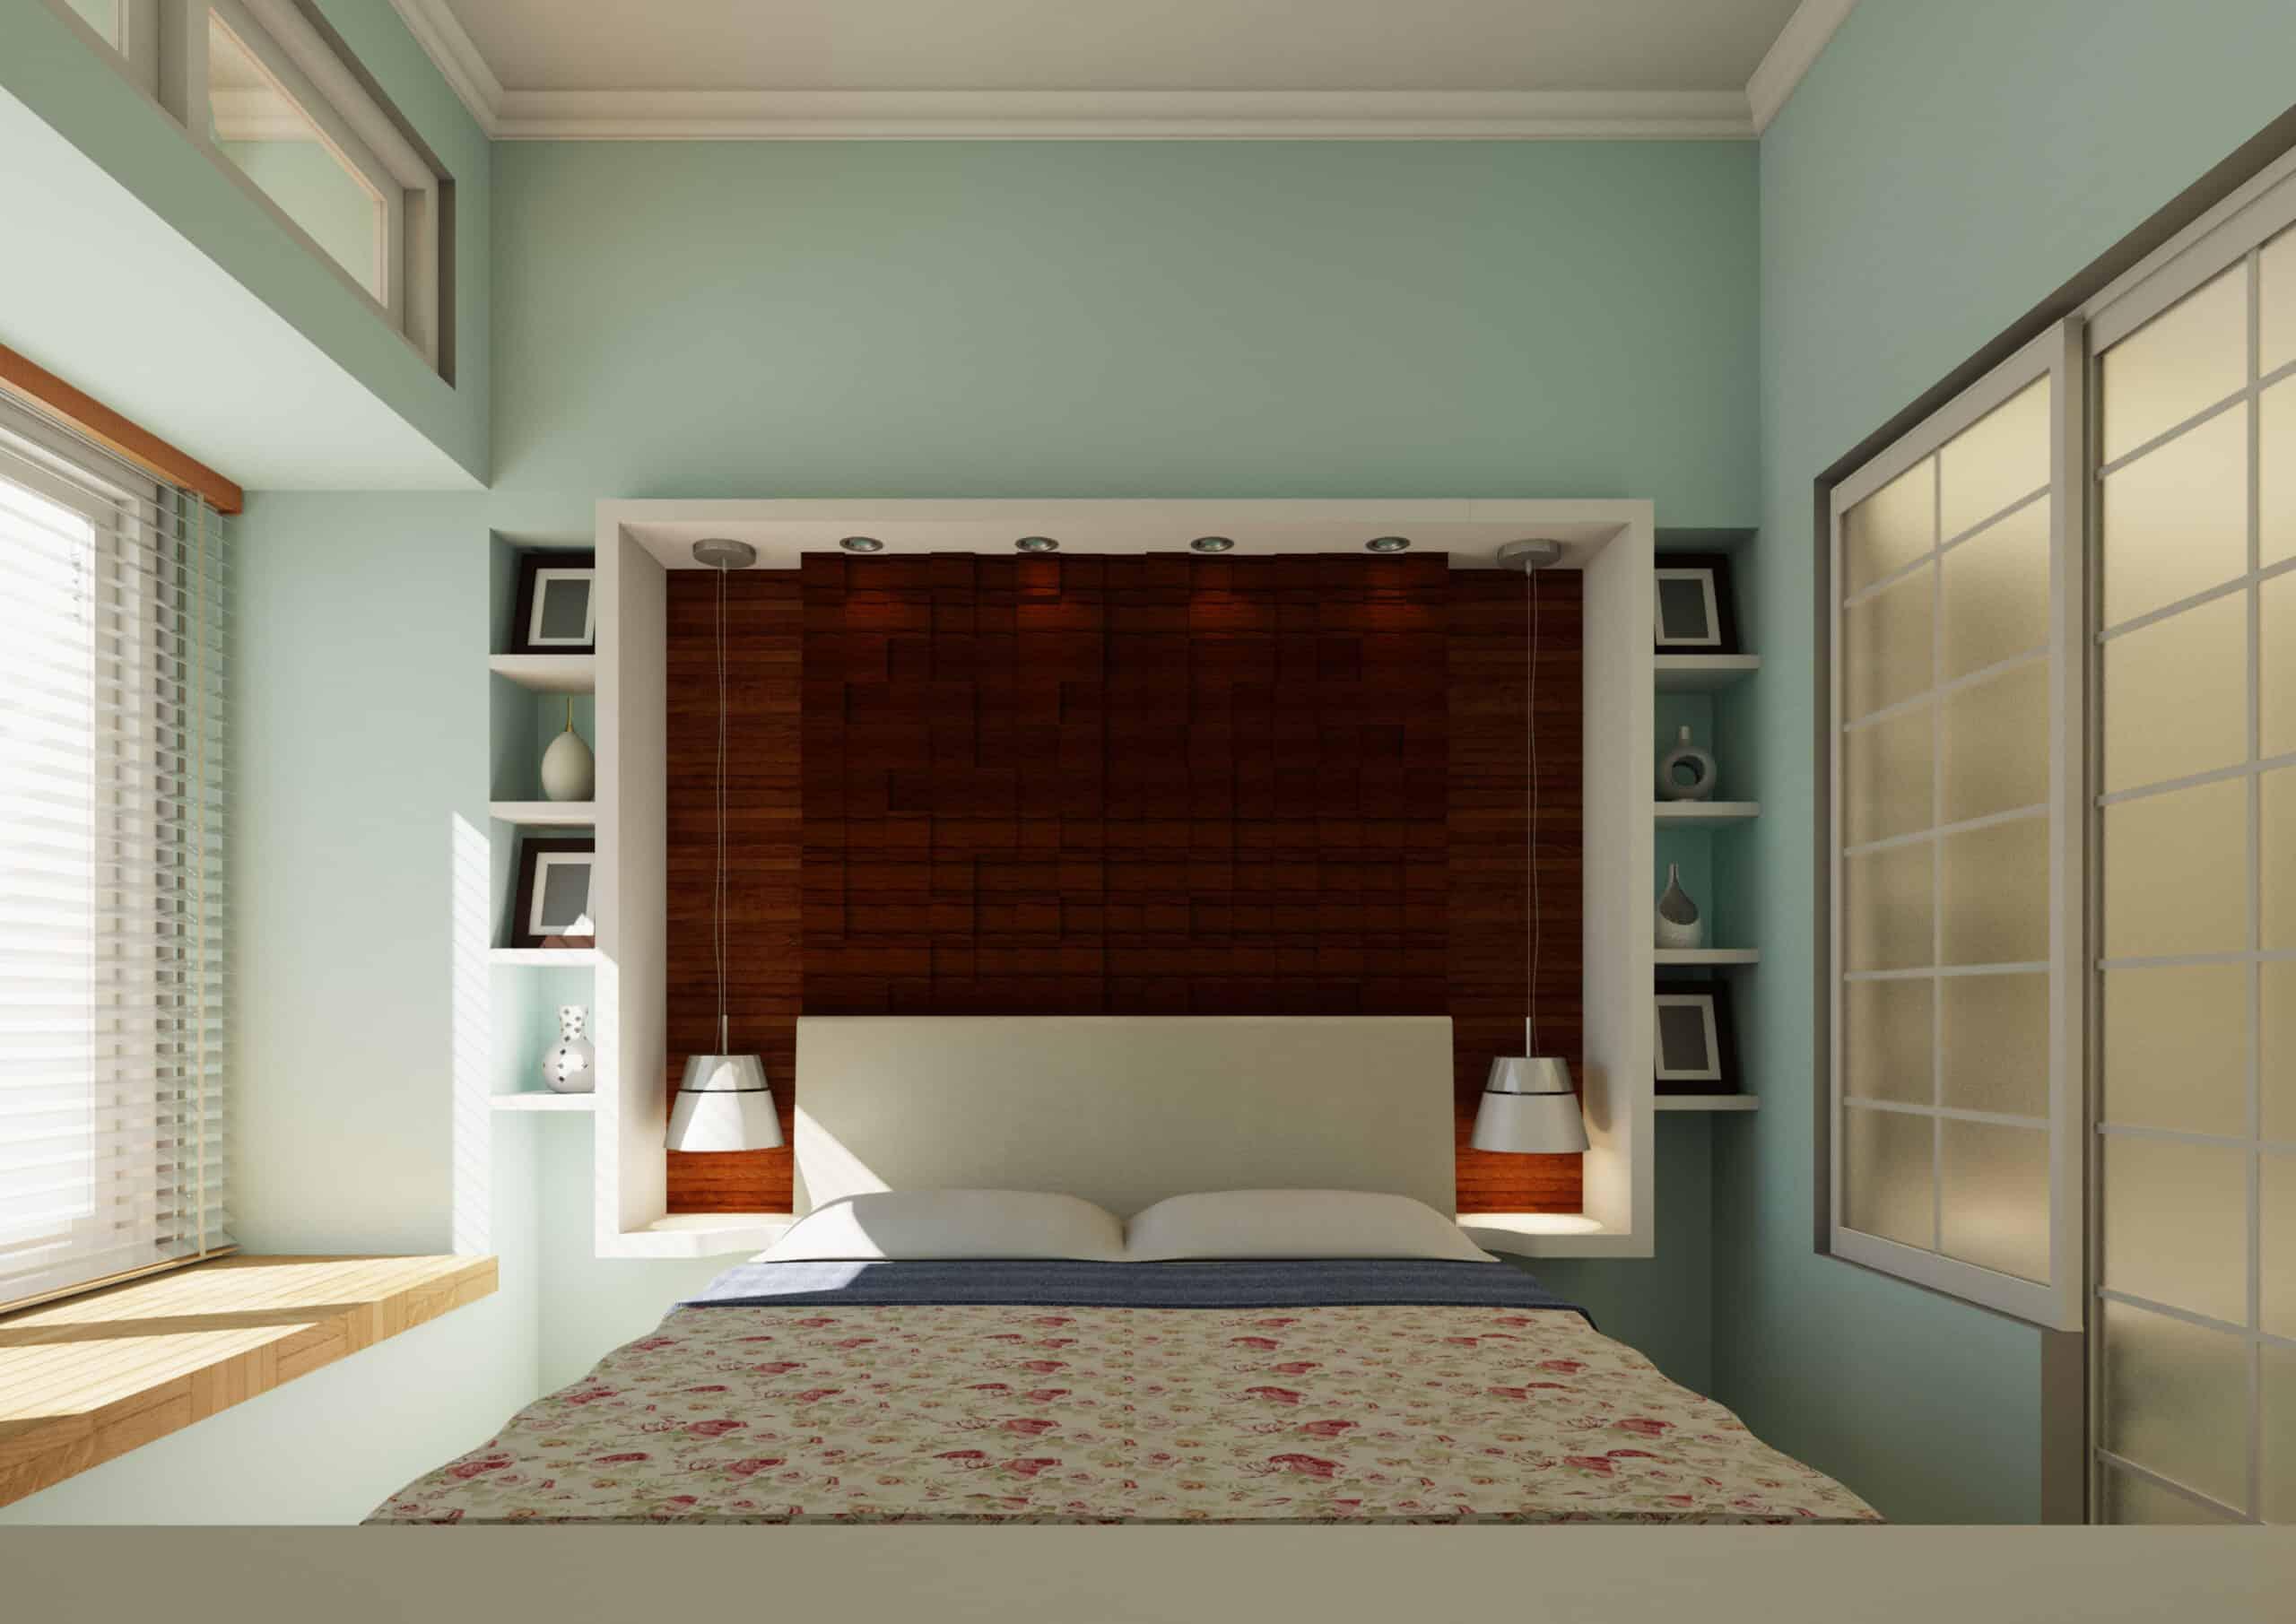 Desain Kamar Tidur Dengan Pencahayaan Optimal